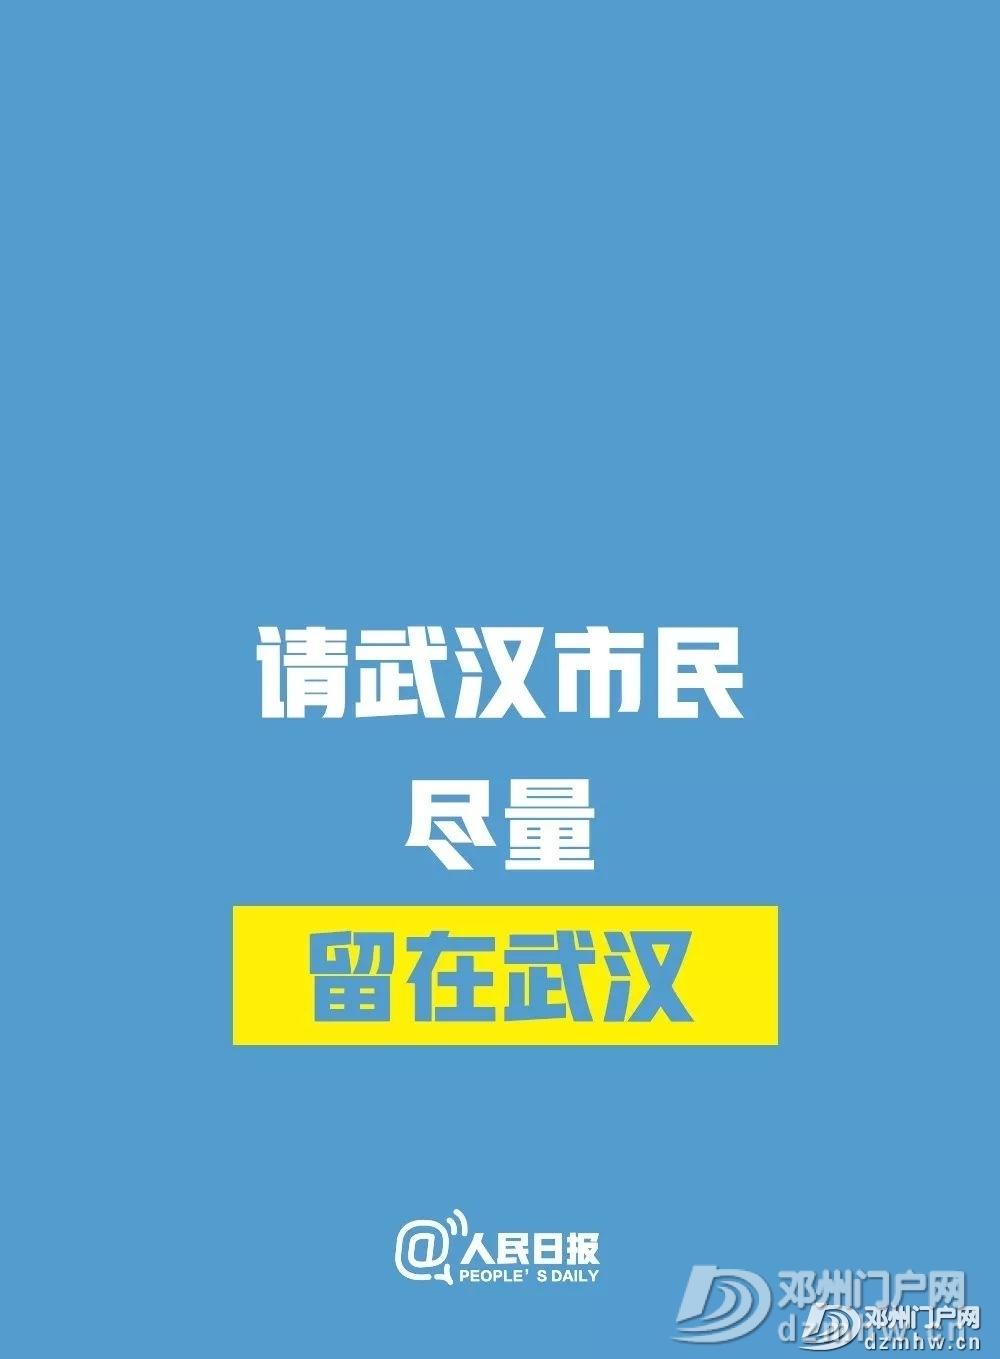 刚刚!河南确诊首位新型肺炎病例,邓州全面禁止销售活禽!铁路部门... - 邓州门户网 邓州网 - 00320492611_224309a2.jpg